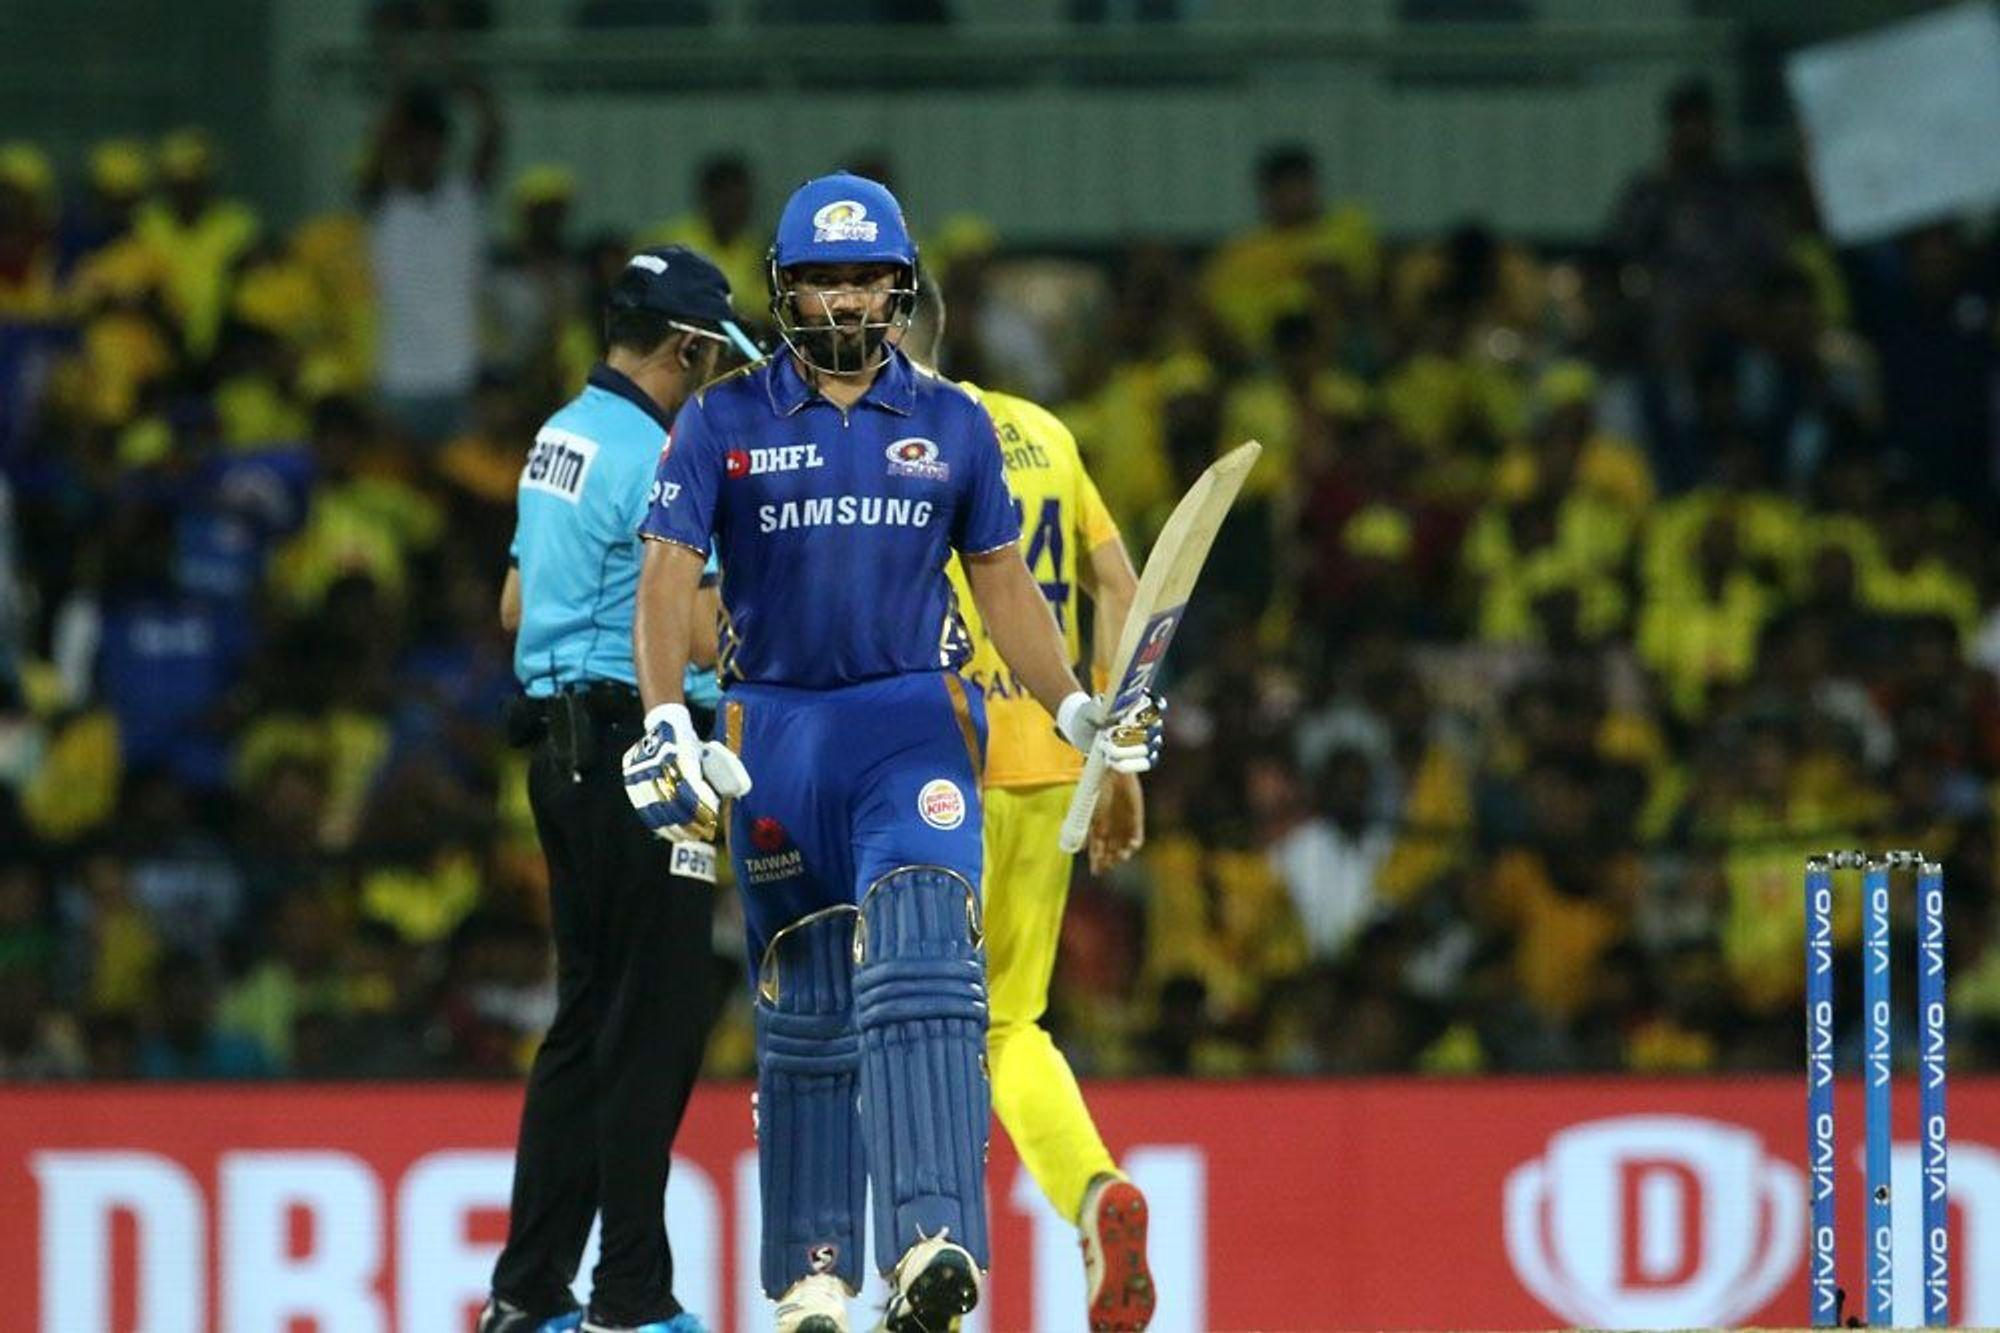 आईपीएल 2019: प्लेऑफ़ में पहुंचने के बाद चेन्नई सुपर किंग्स पर तंज कसते हुए नजर आये रोहित शर्मा 2